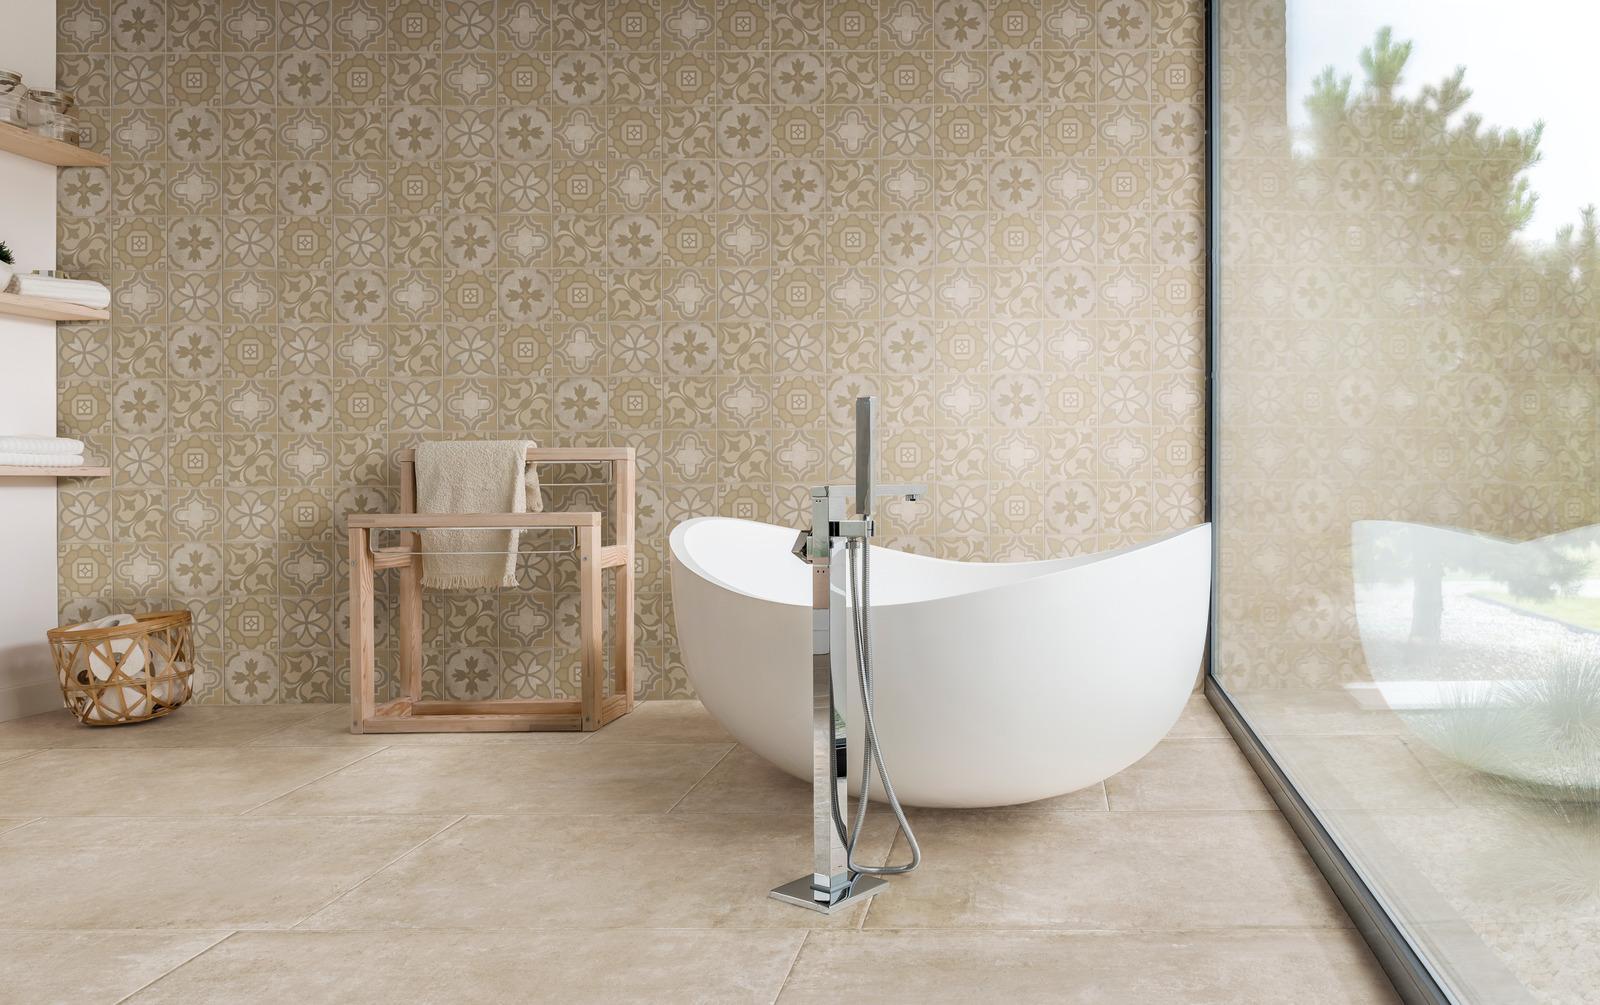 Piastrelle Bianche Diamantate Bagno piastrelle bagno in ceramica | ragno